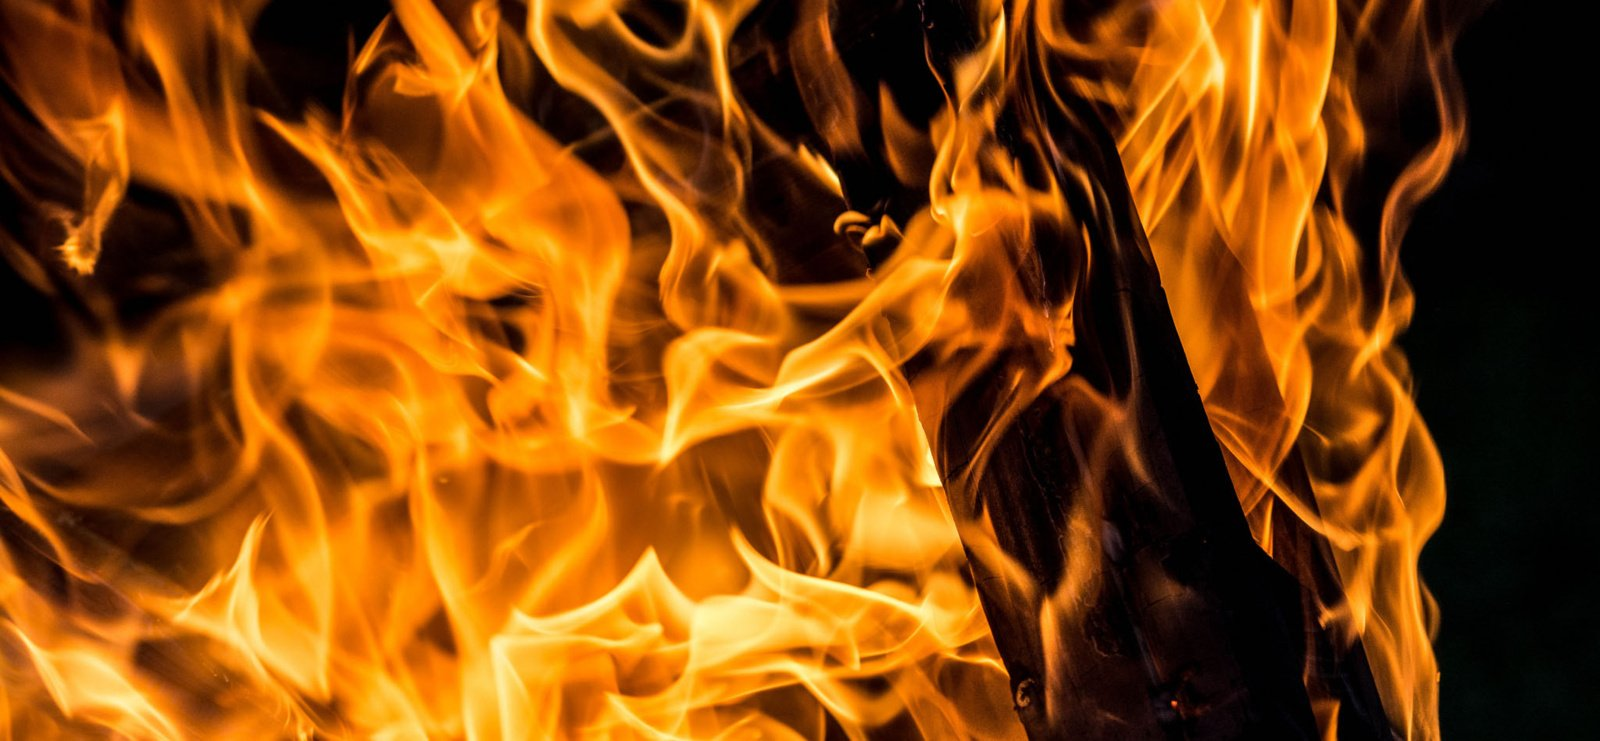 Sekmadienį gaisruose žuvo du žmonės